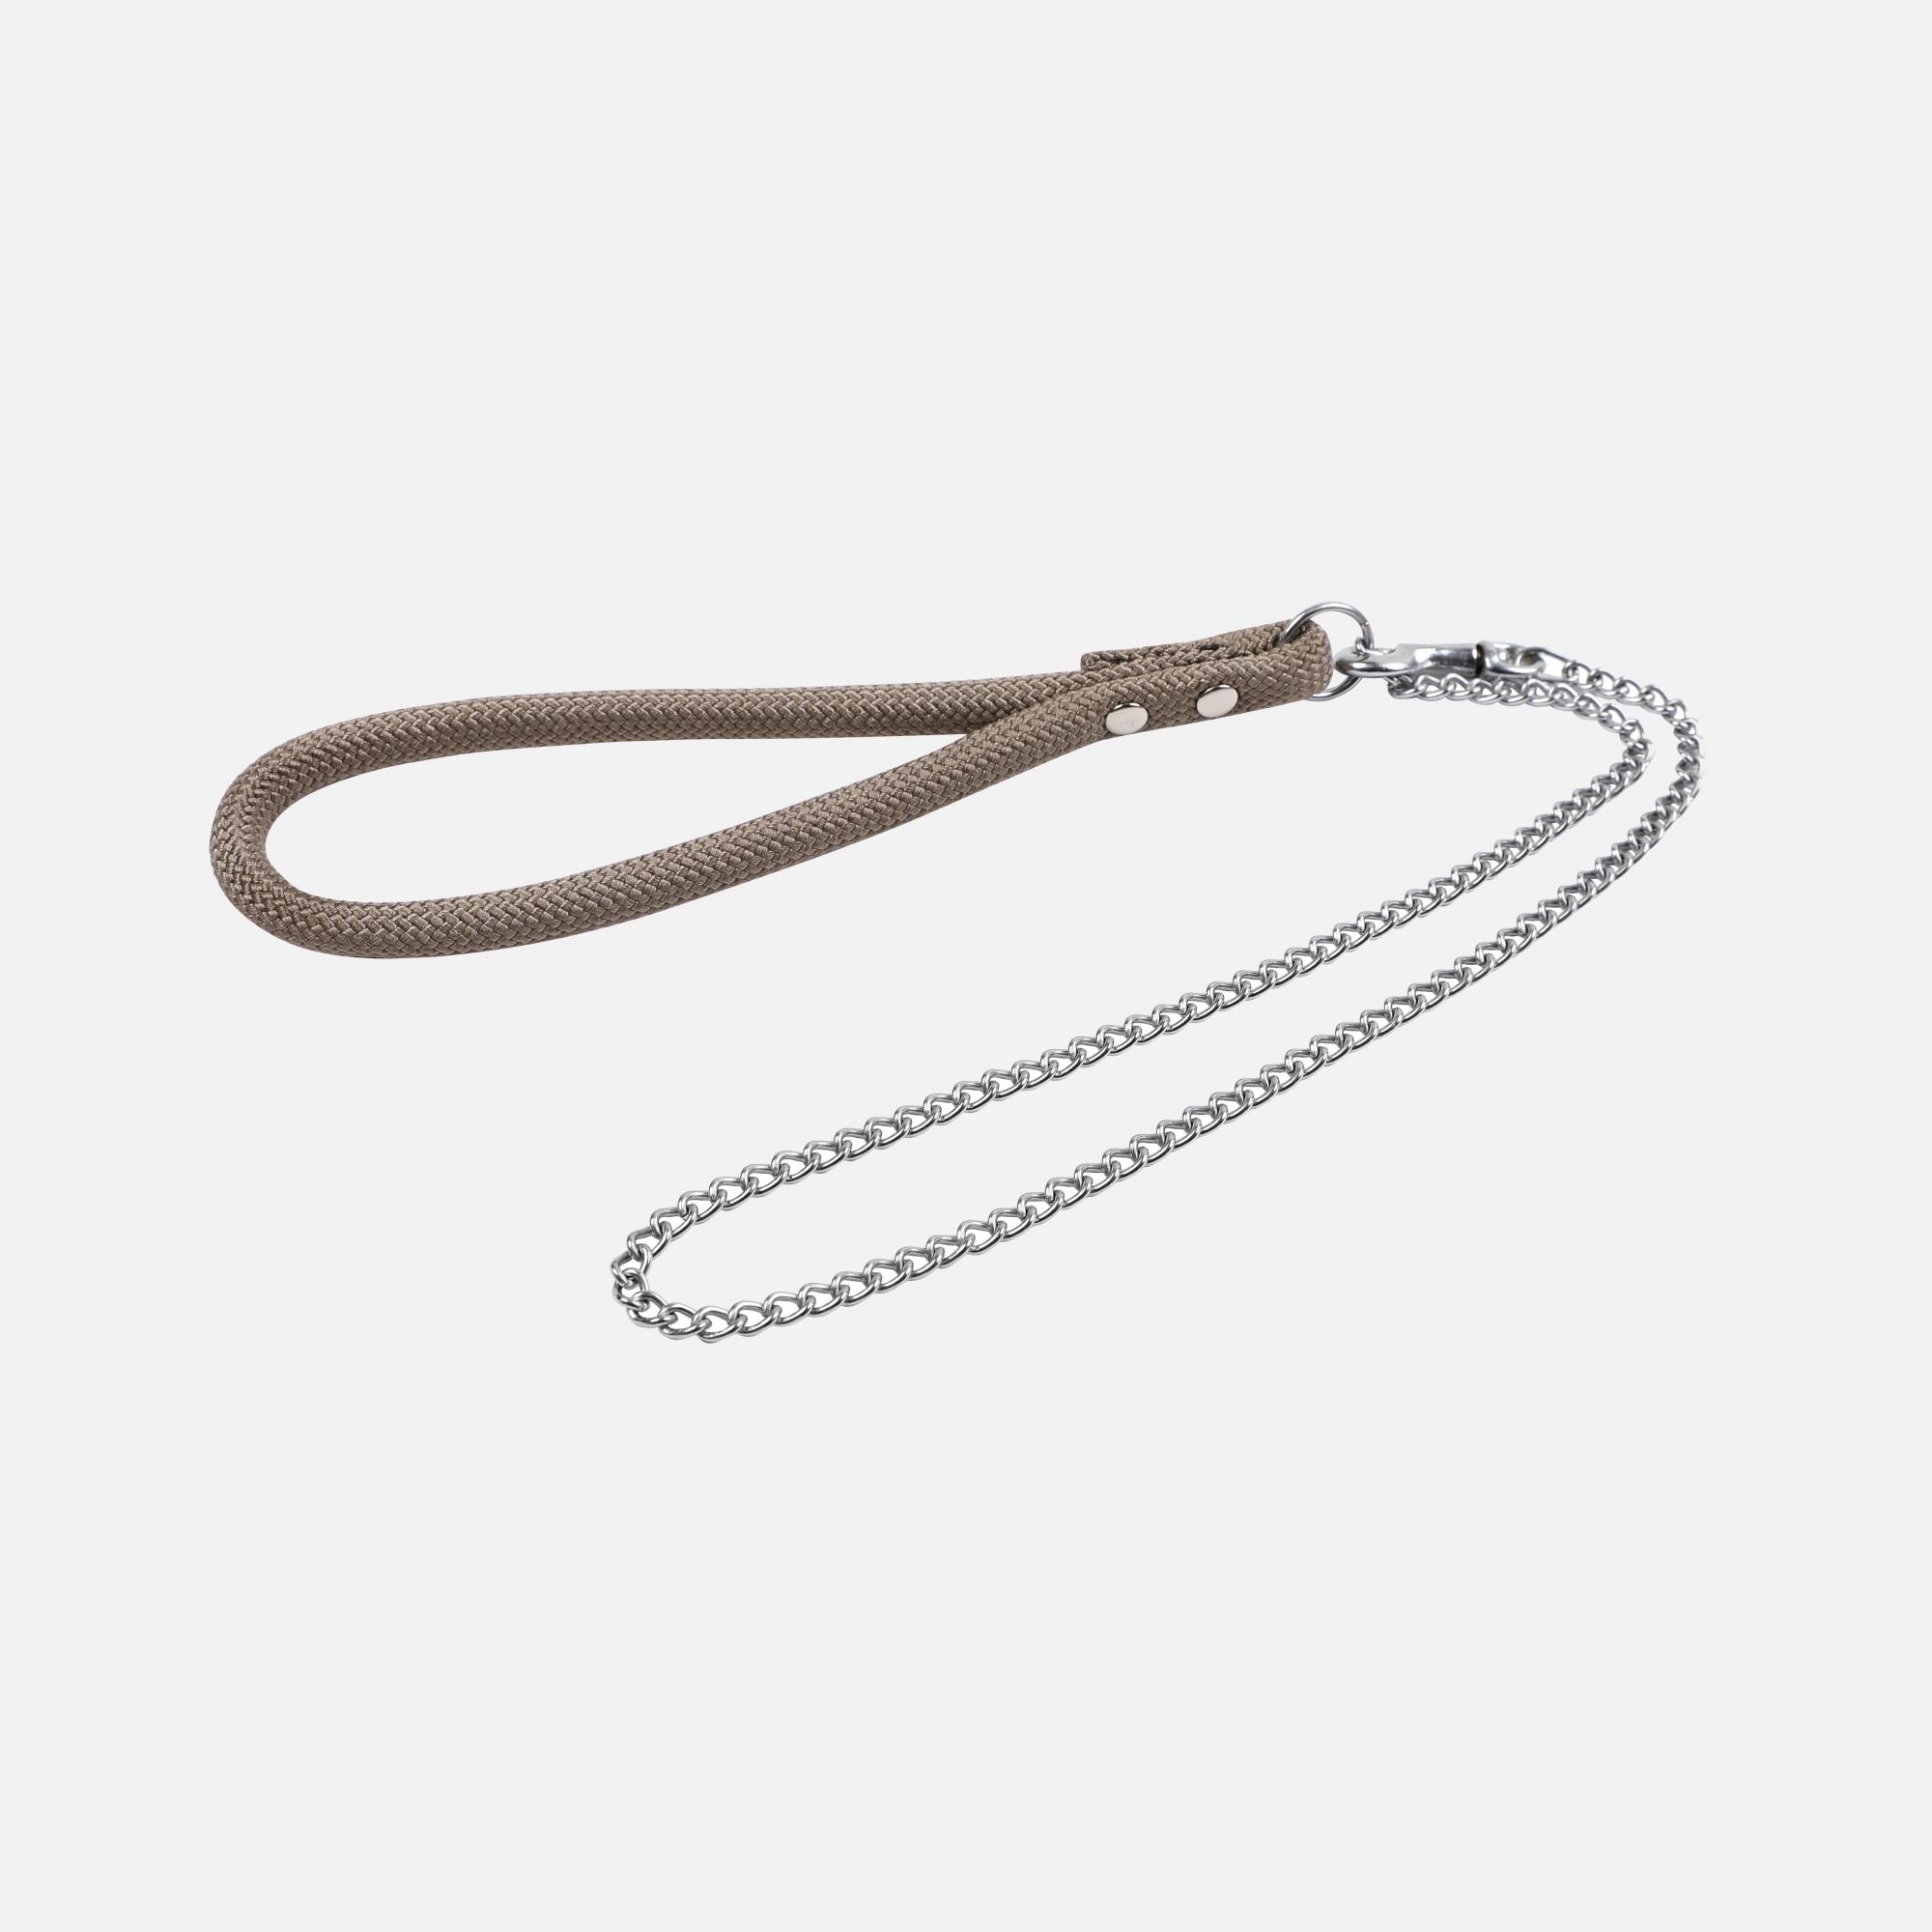 Laisse métal moyenne corde forte Taupe par Wouapy